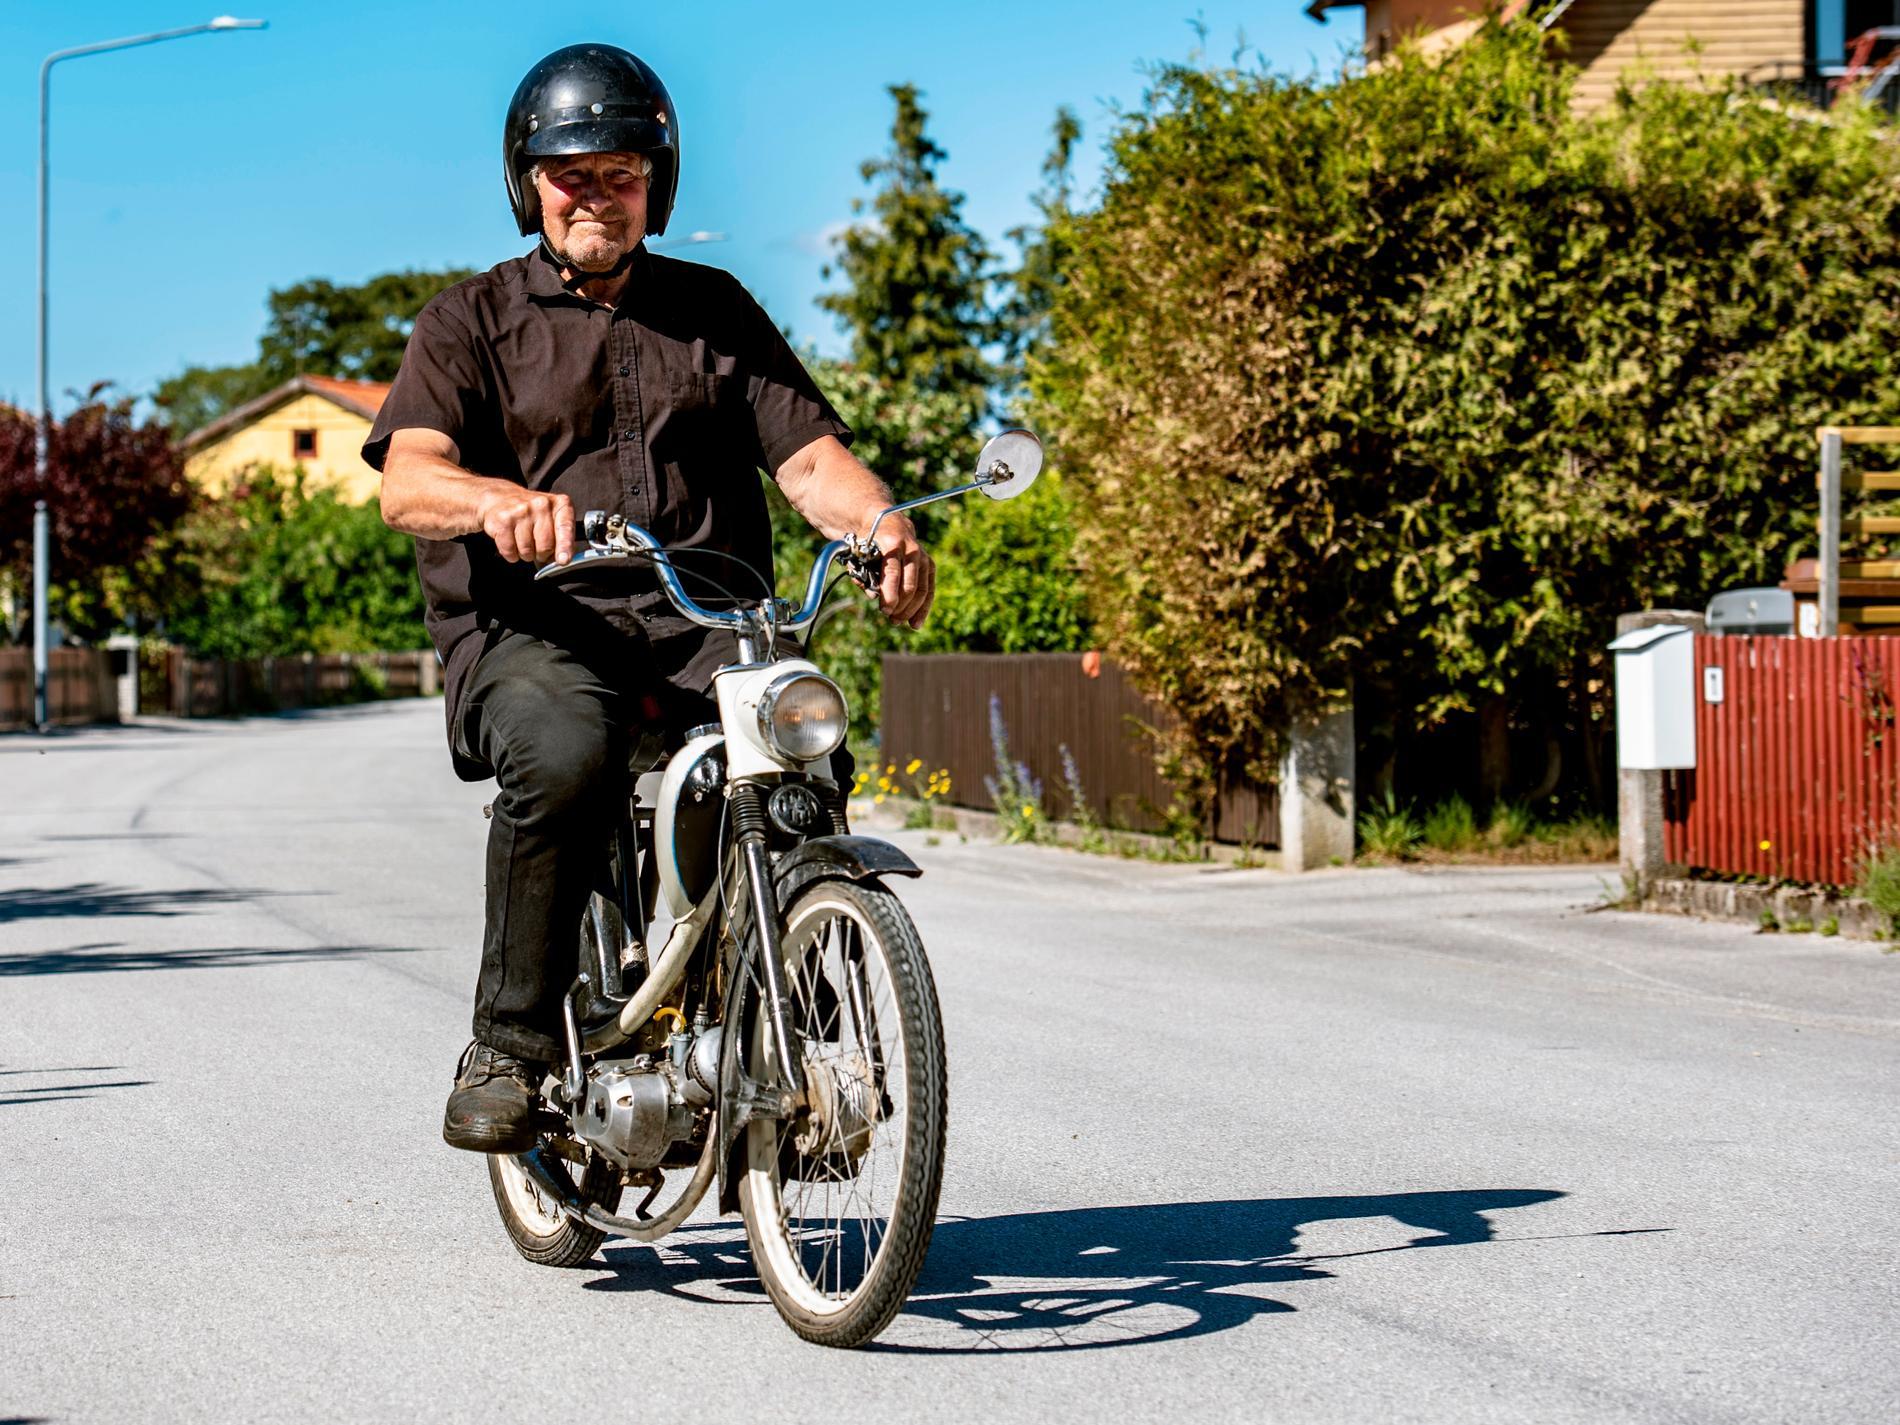 Helge älskar att åka moped.